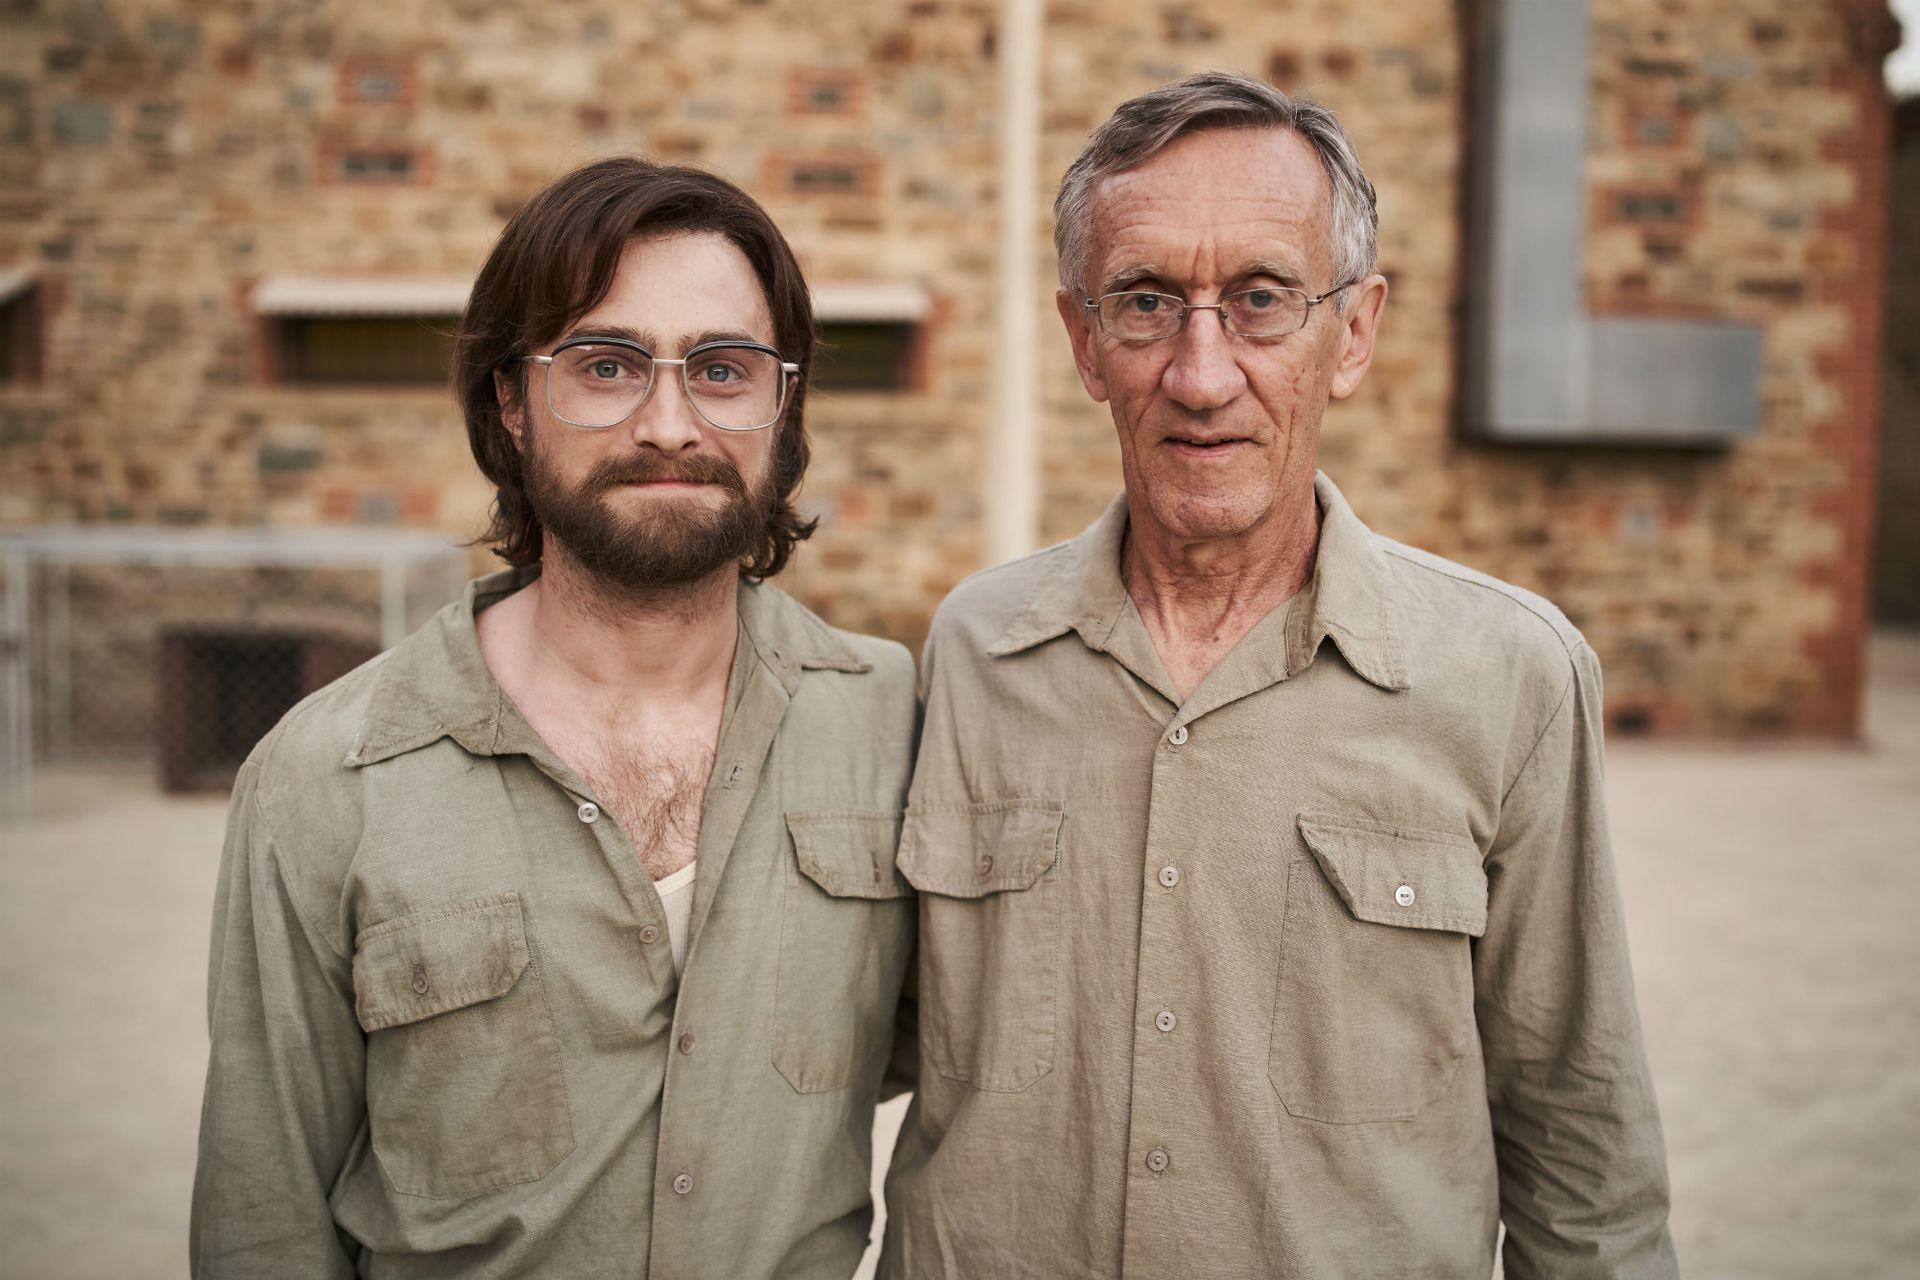 El actor, con el verdadero Tim Jenkin, quien hace un cameo en el fllm